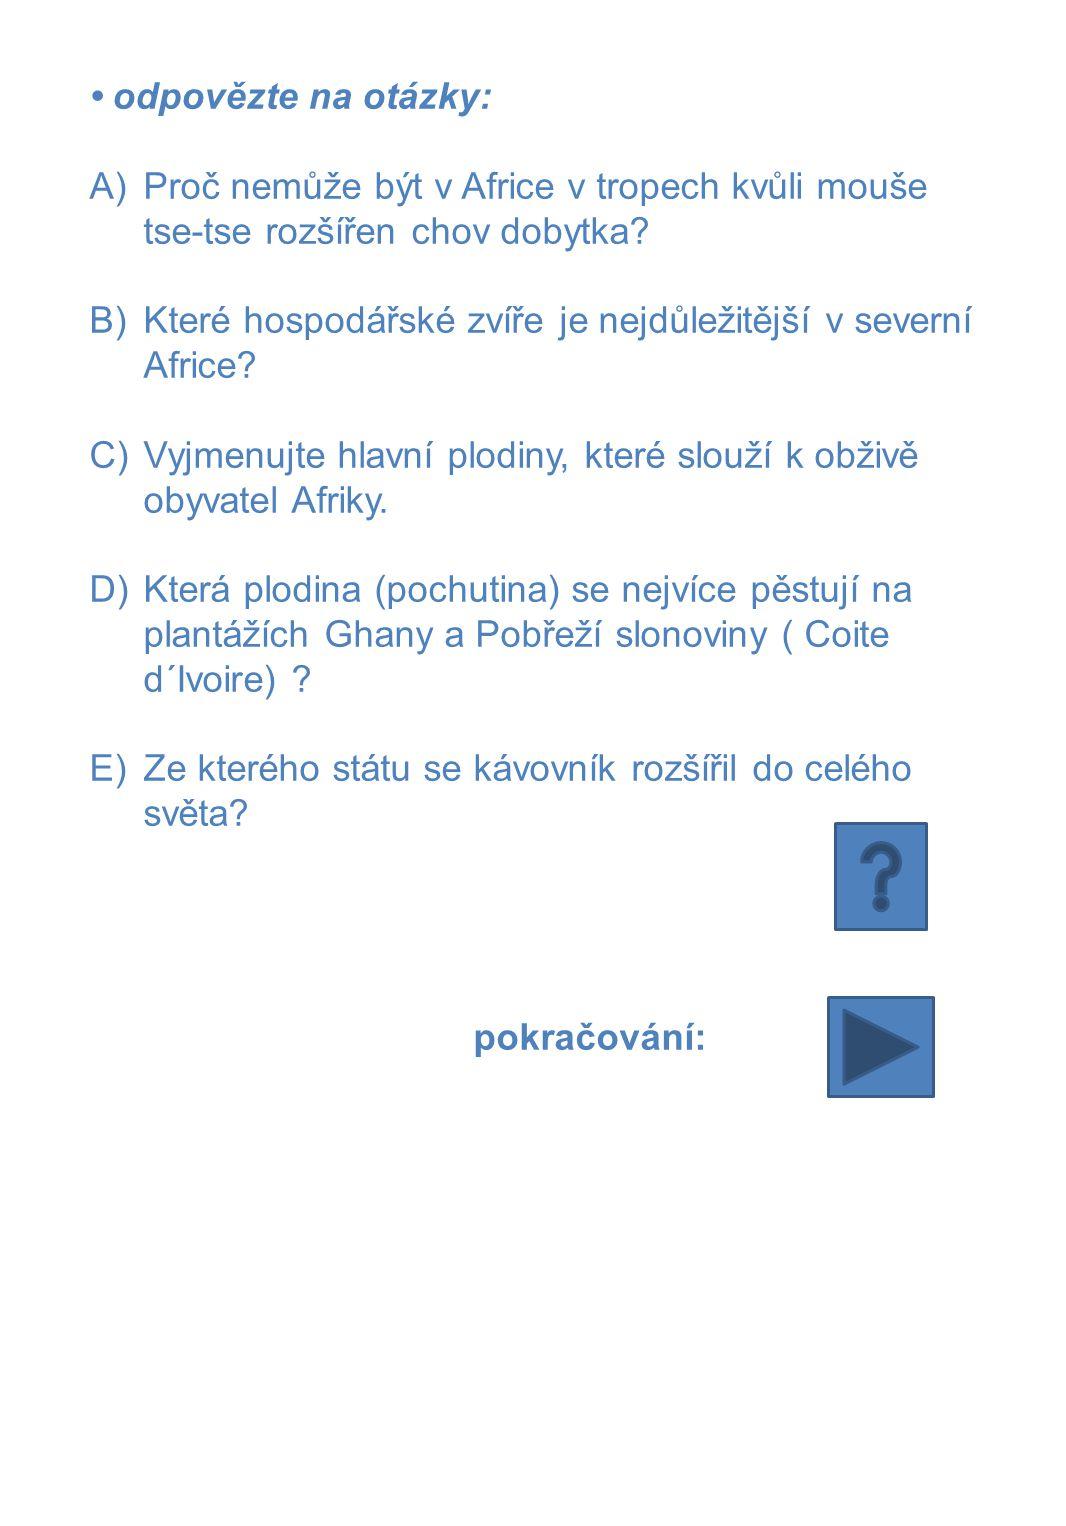 • odpovědi: A)přenašeč spavé nemoci B)velbloud C)batáty, maniok, pšenice, kukuřice, proso, podzemnice D)kakaovník E)Etiopie